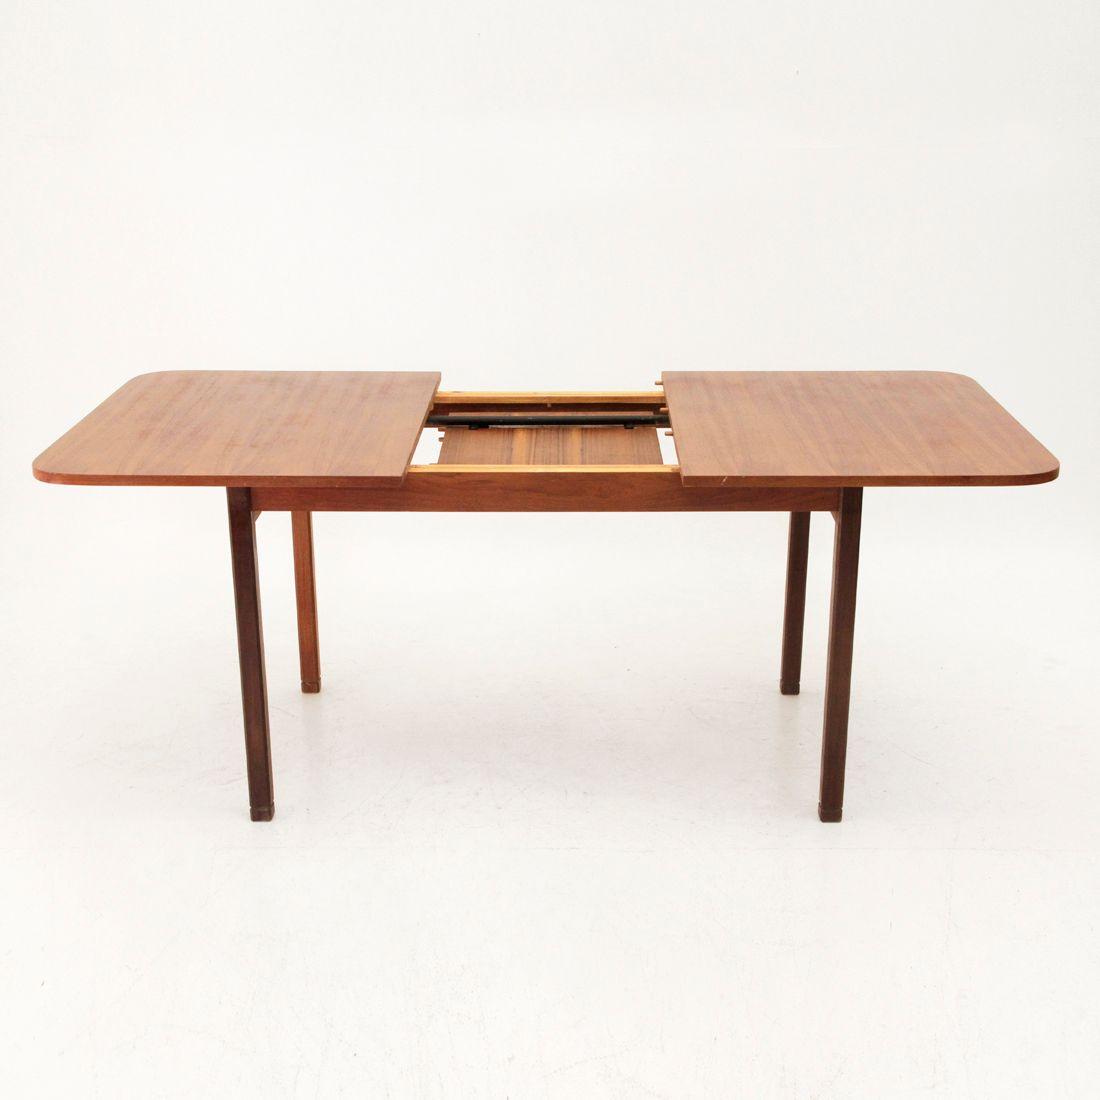 italienischer ausziehbarer esstisch 1960er bei pamono kaufen. Black Bedroom Furniture Sets. Home Design Ideas